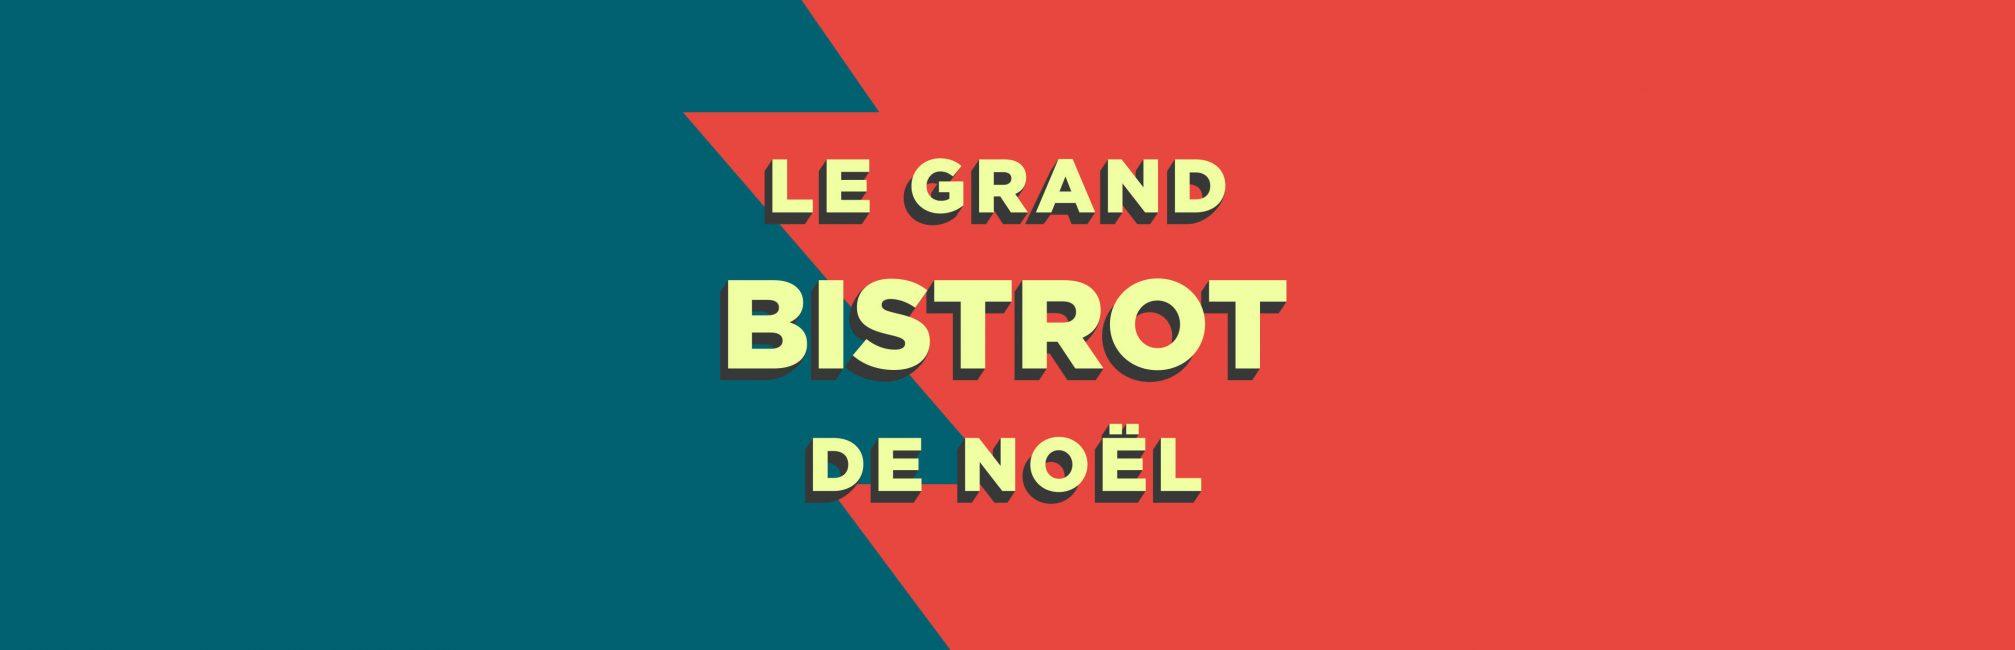 LGBDN-bandeau-site-1